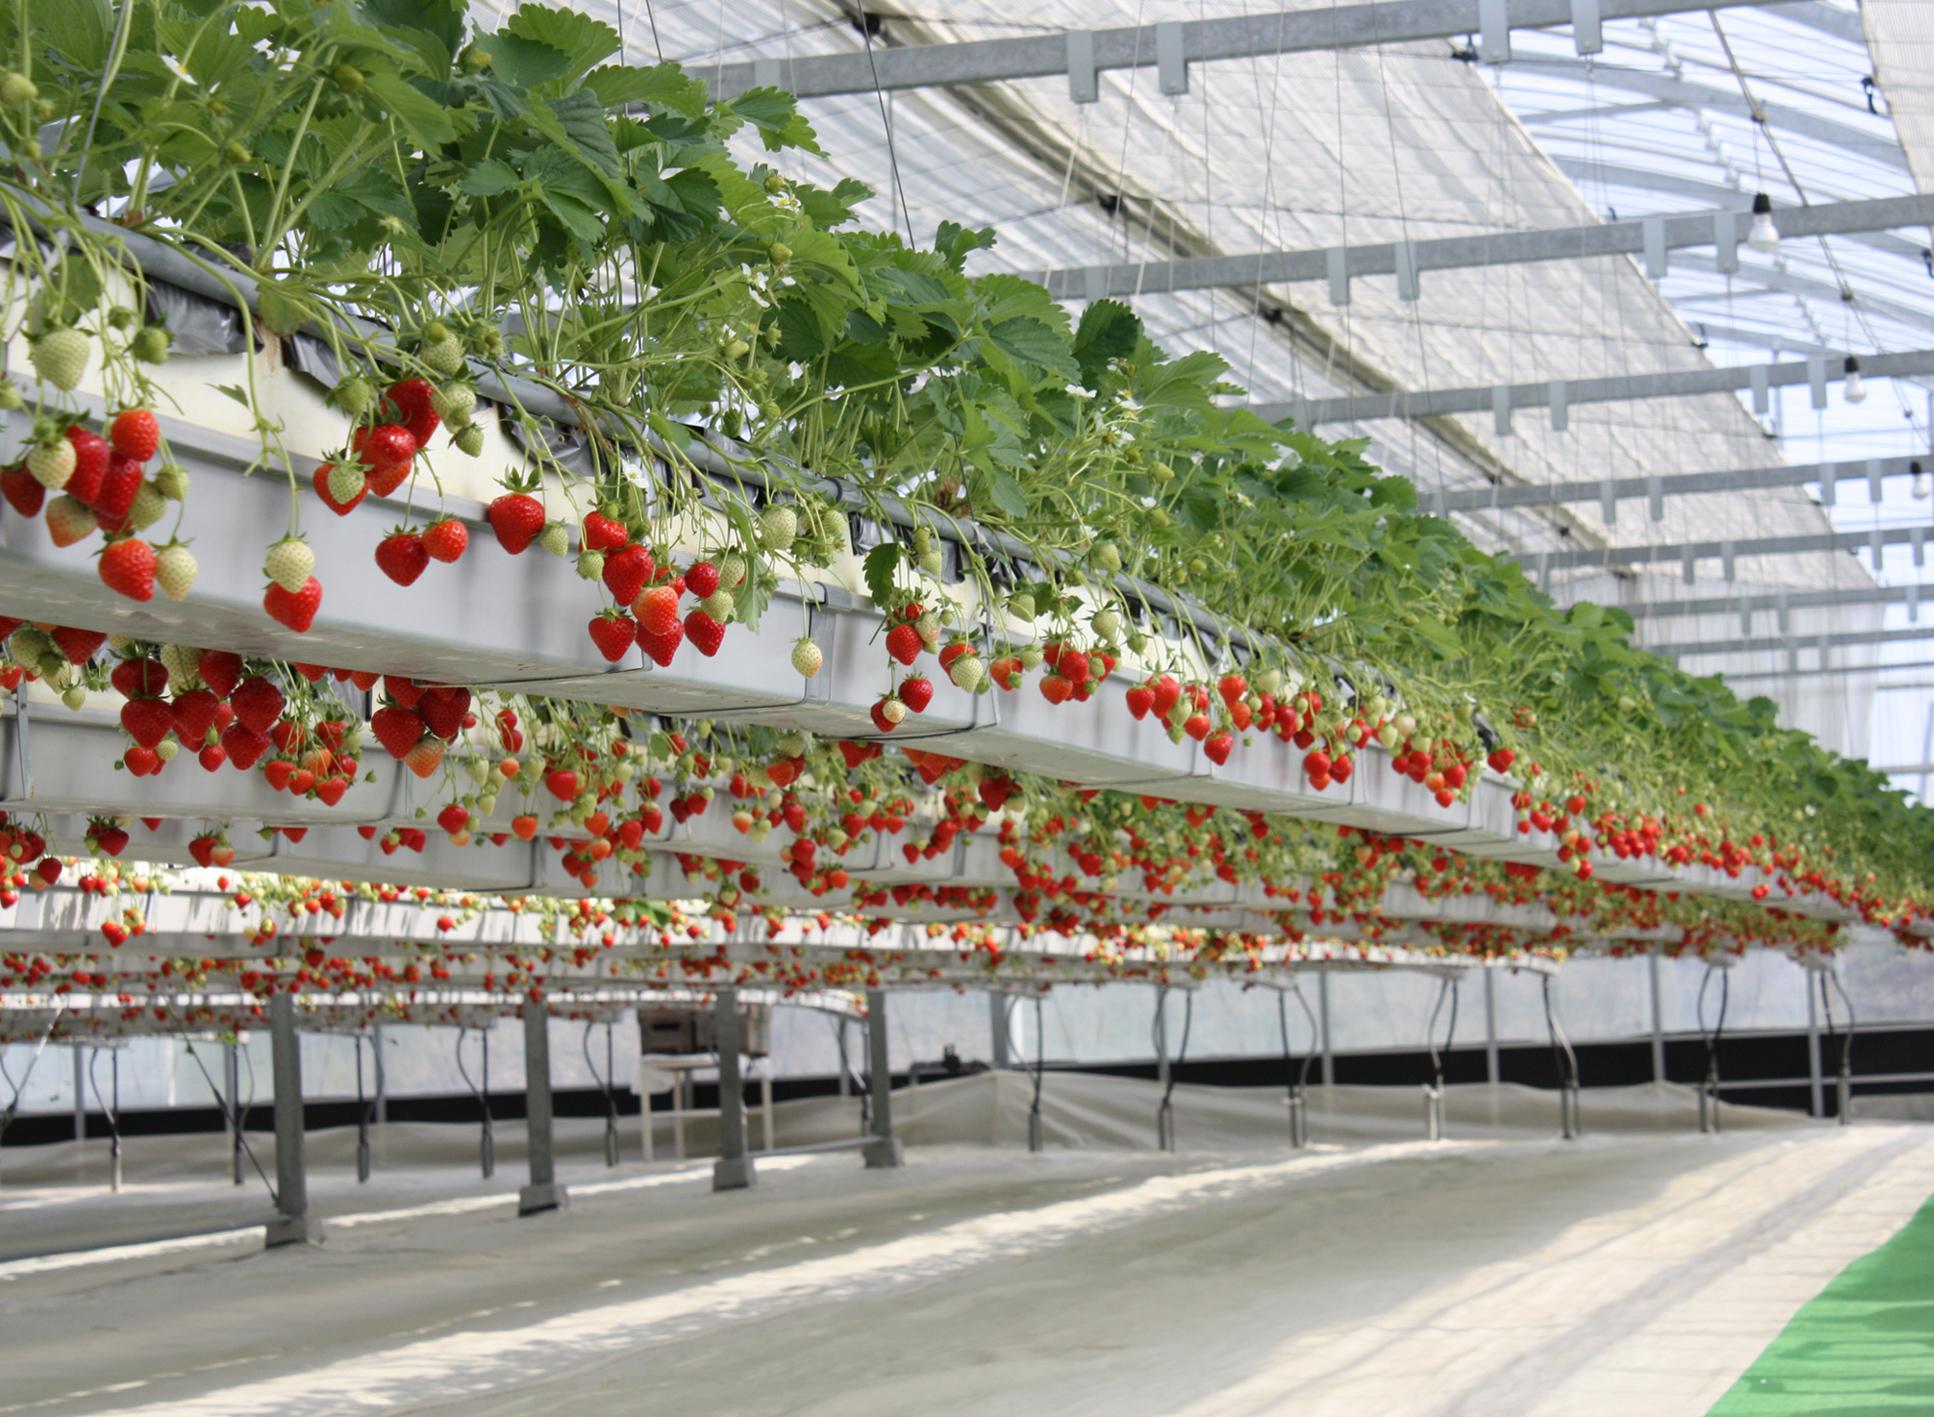 Eclairage led horticole et culture de la fraise horticoled for Fraisier darselect